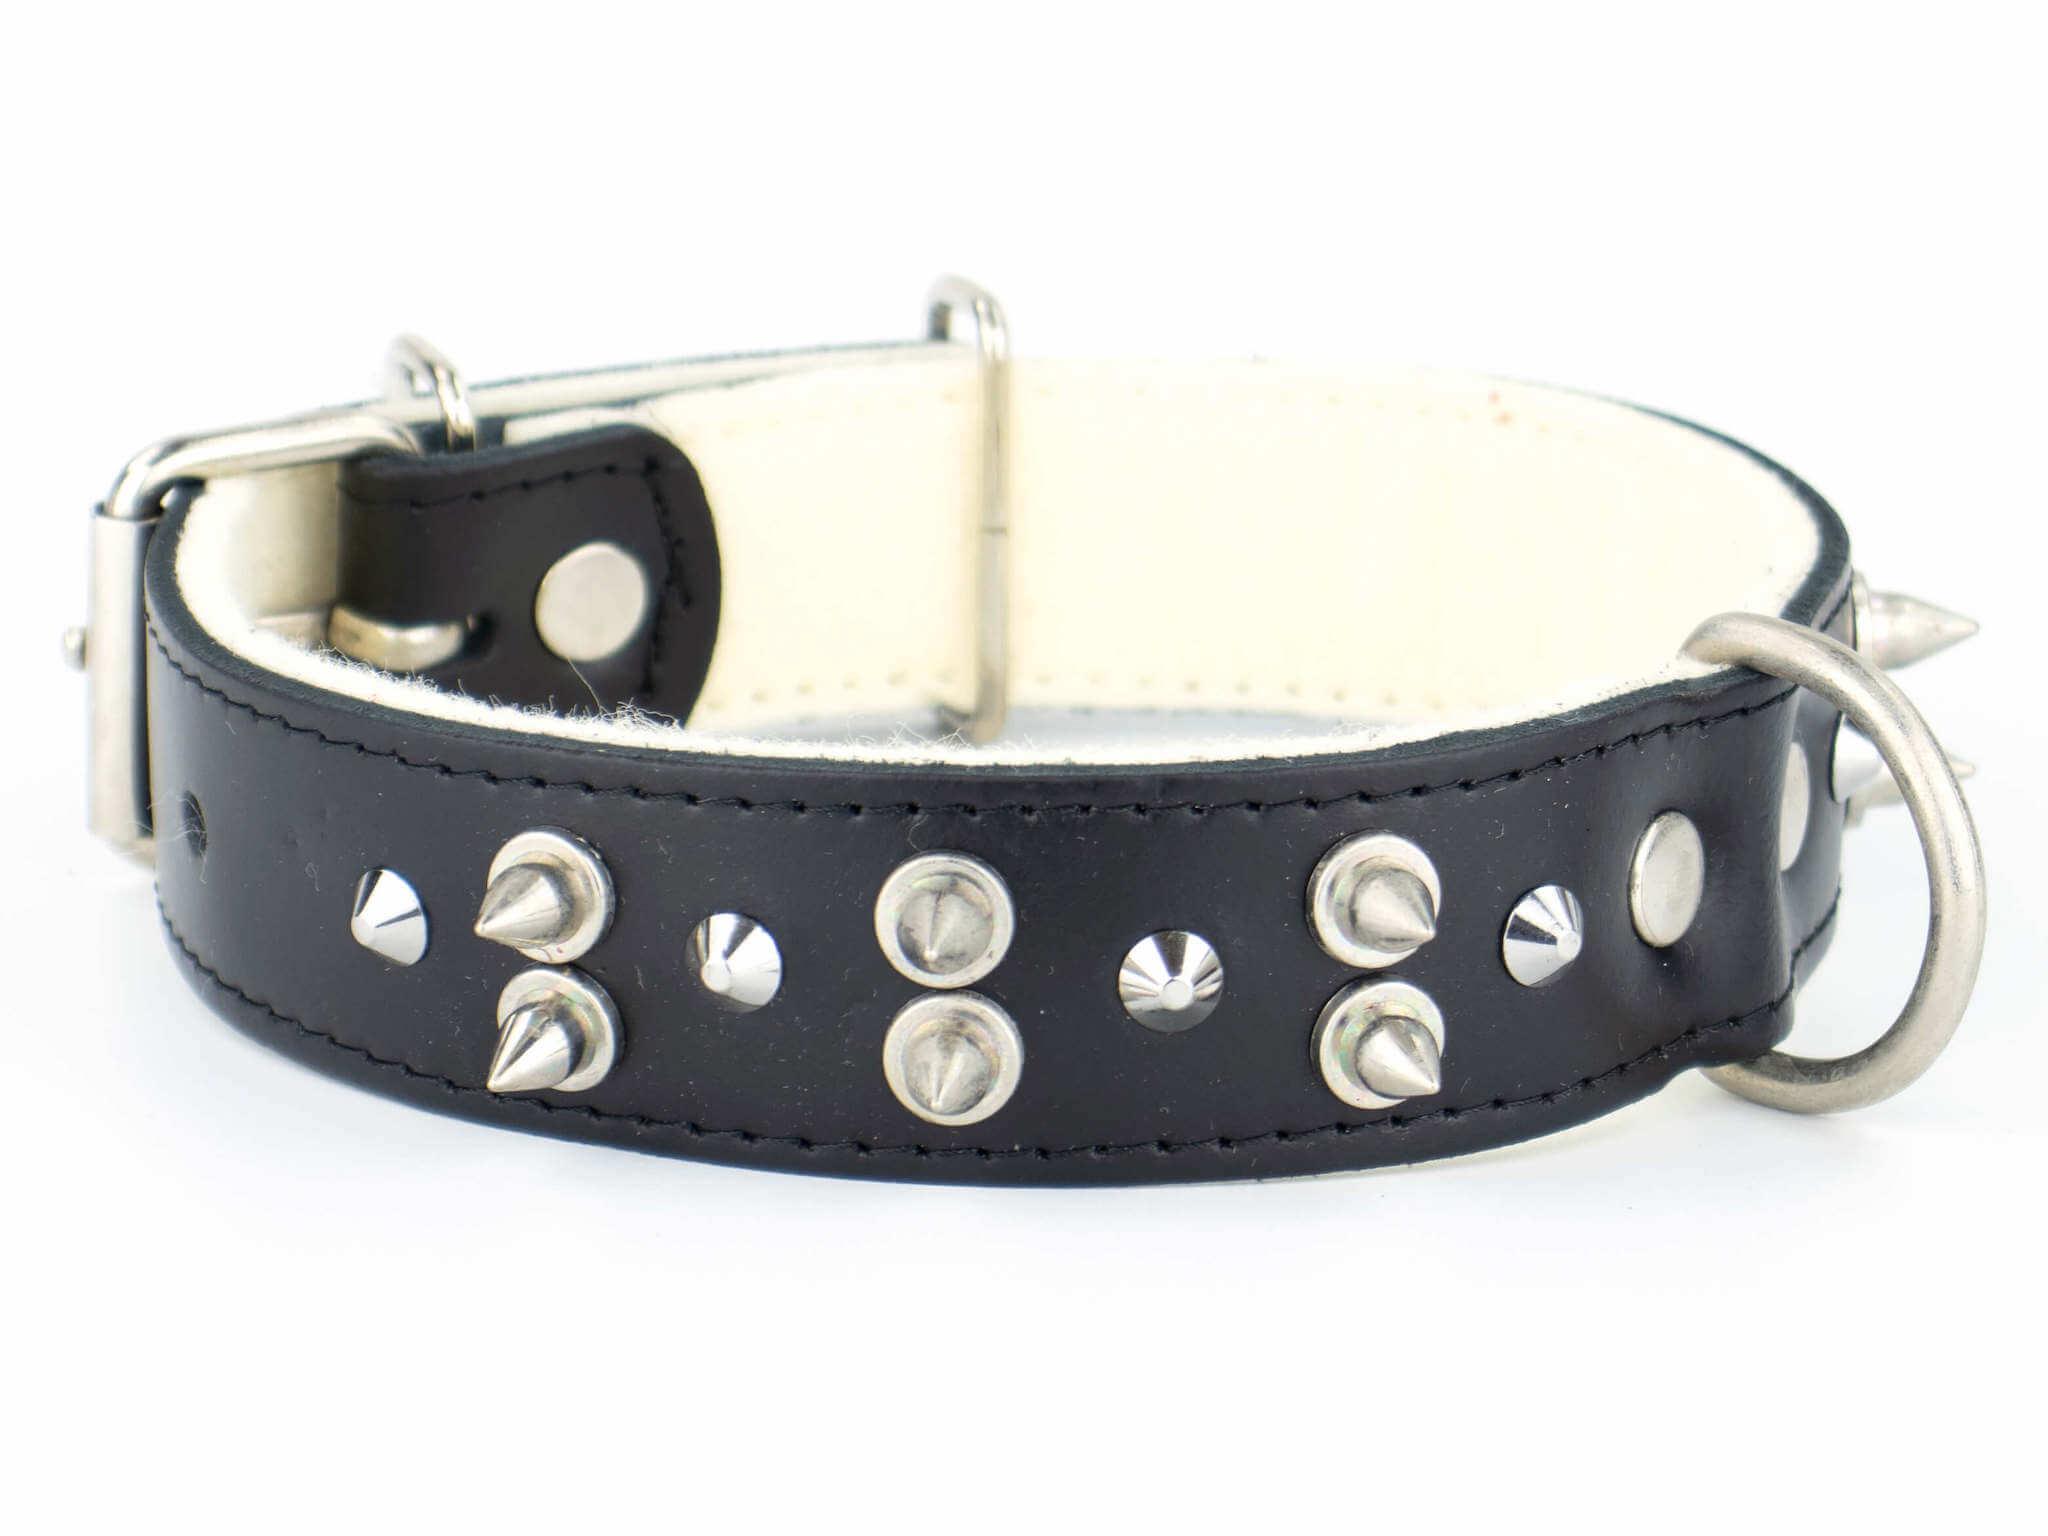 Vsepropejska Spike kožený obojek pro psa s ostny | 42 - 62 cm Barva: Černá, Obvod krku: 42 - 53 cm